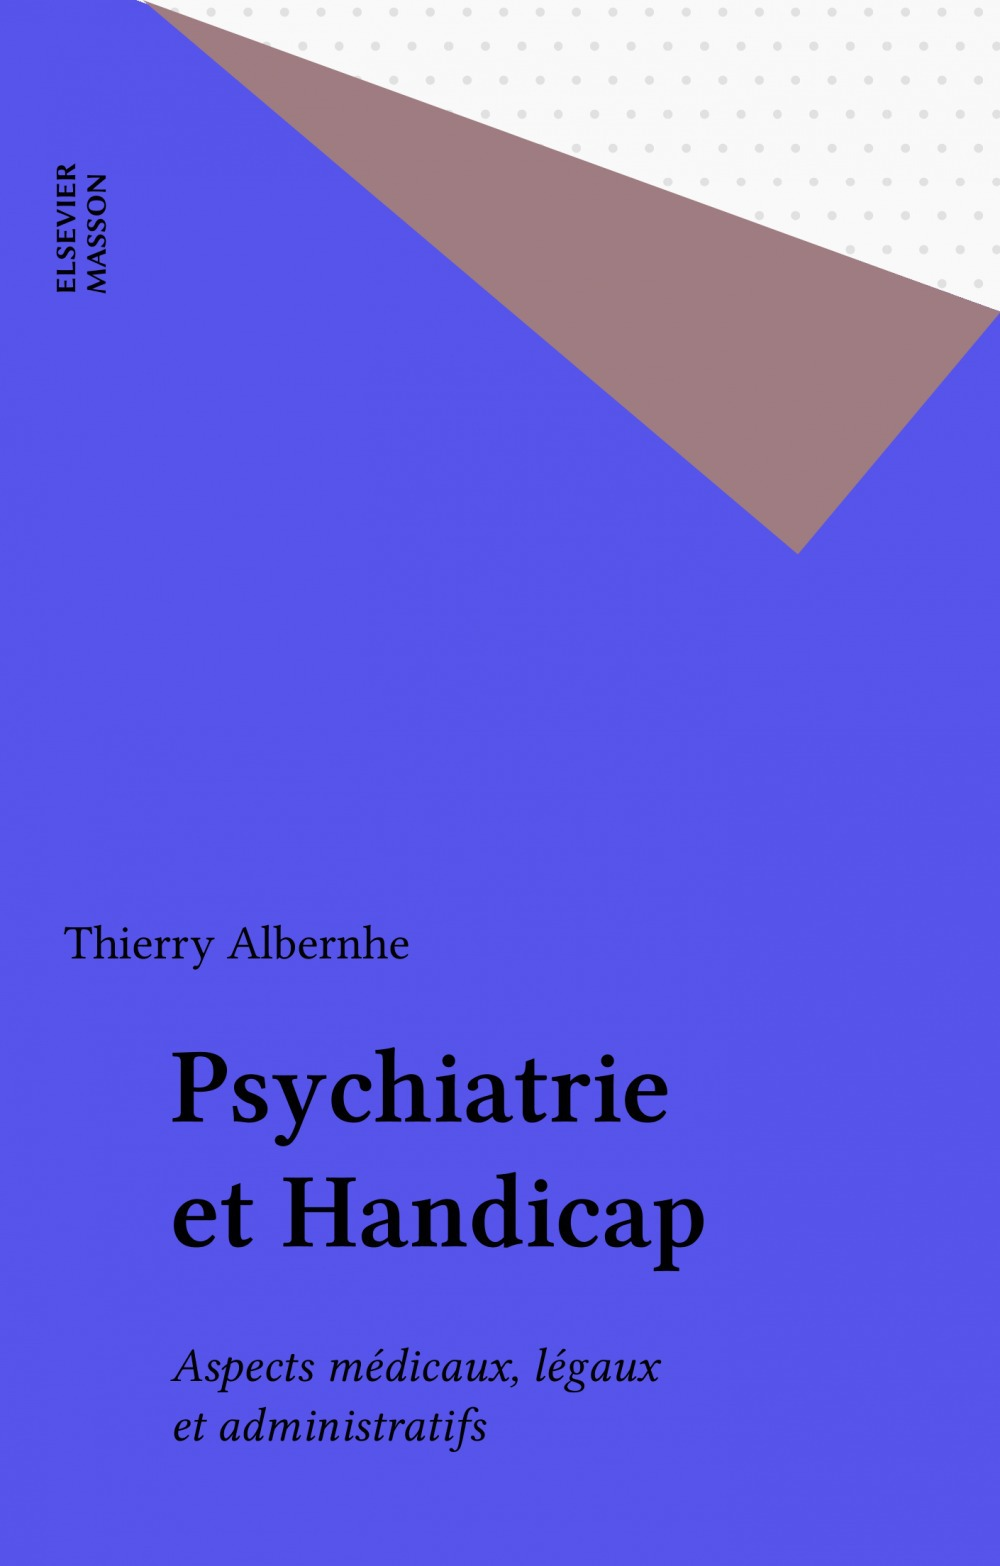 Psychiatrie et handicap : aspects medico-legaux et administratifs